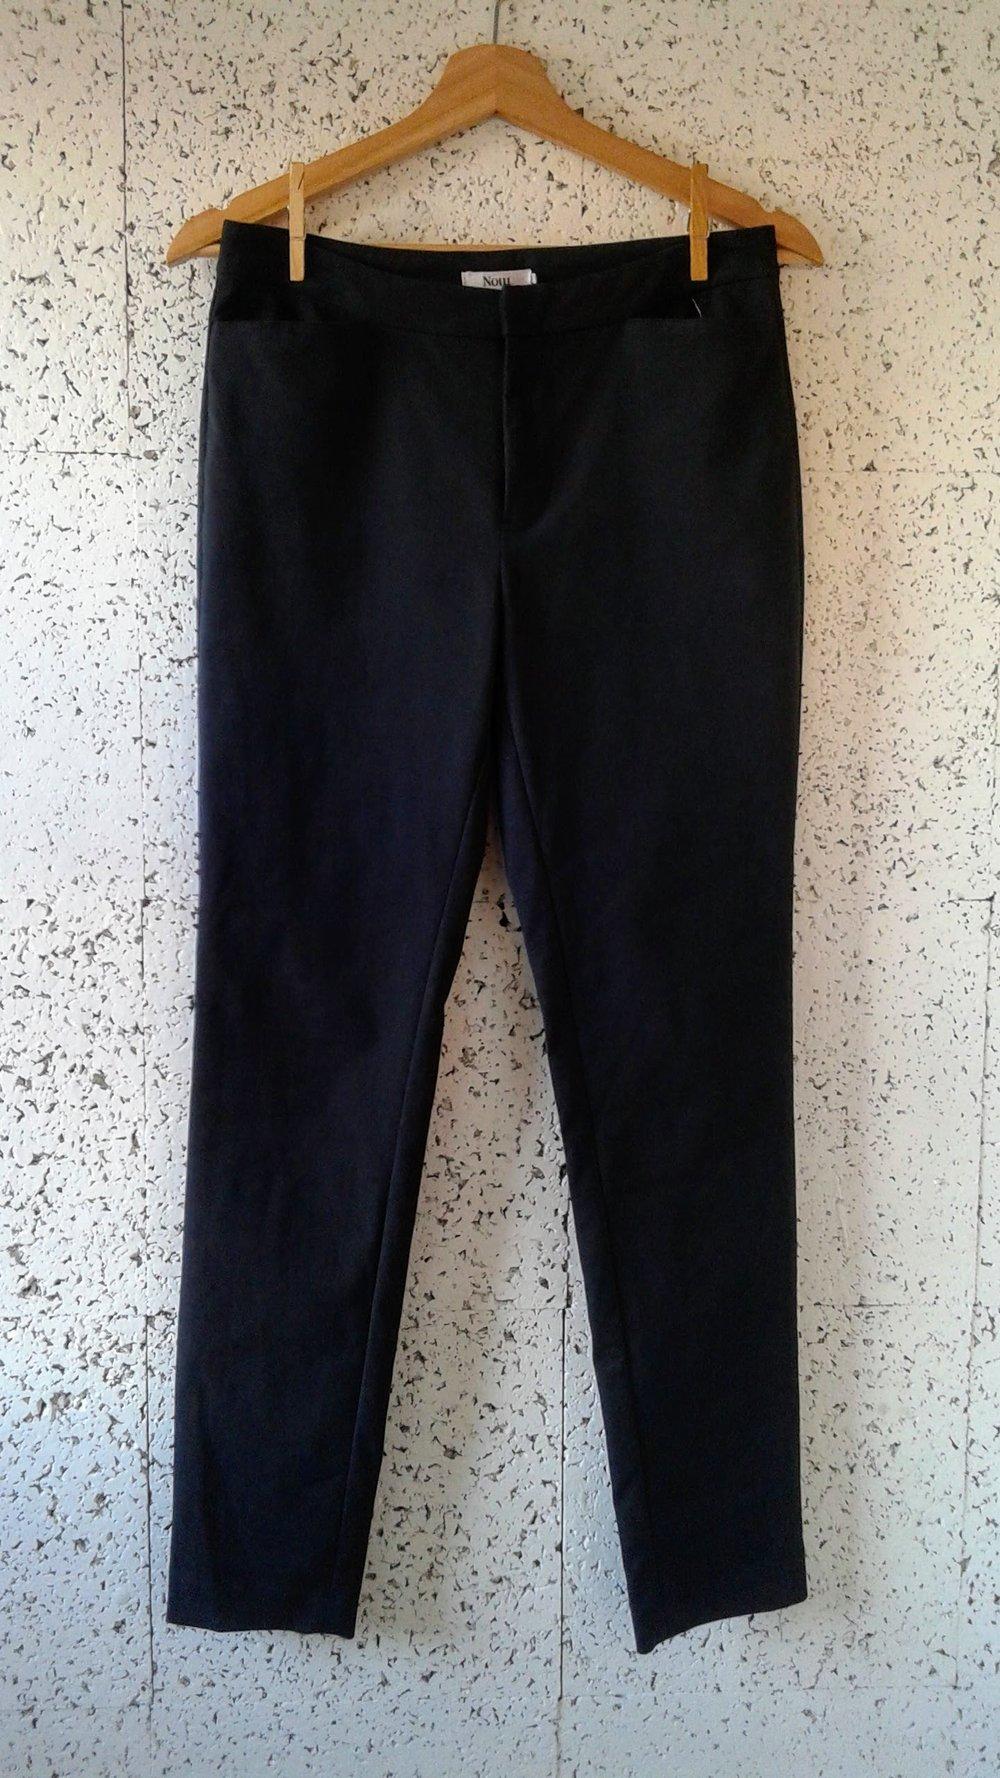 Noul pants; Size S, $40